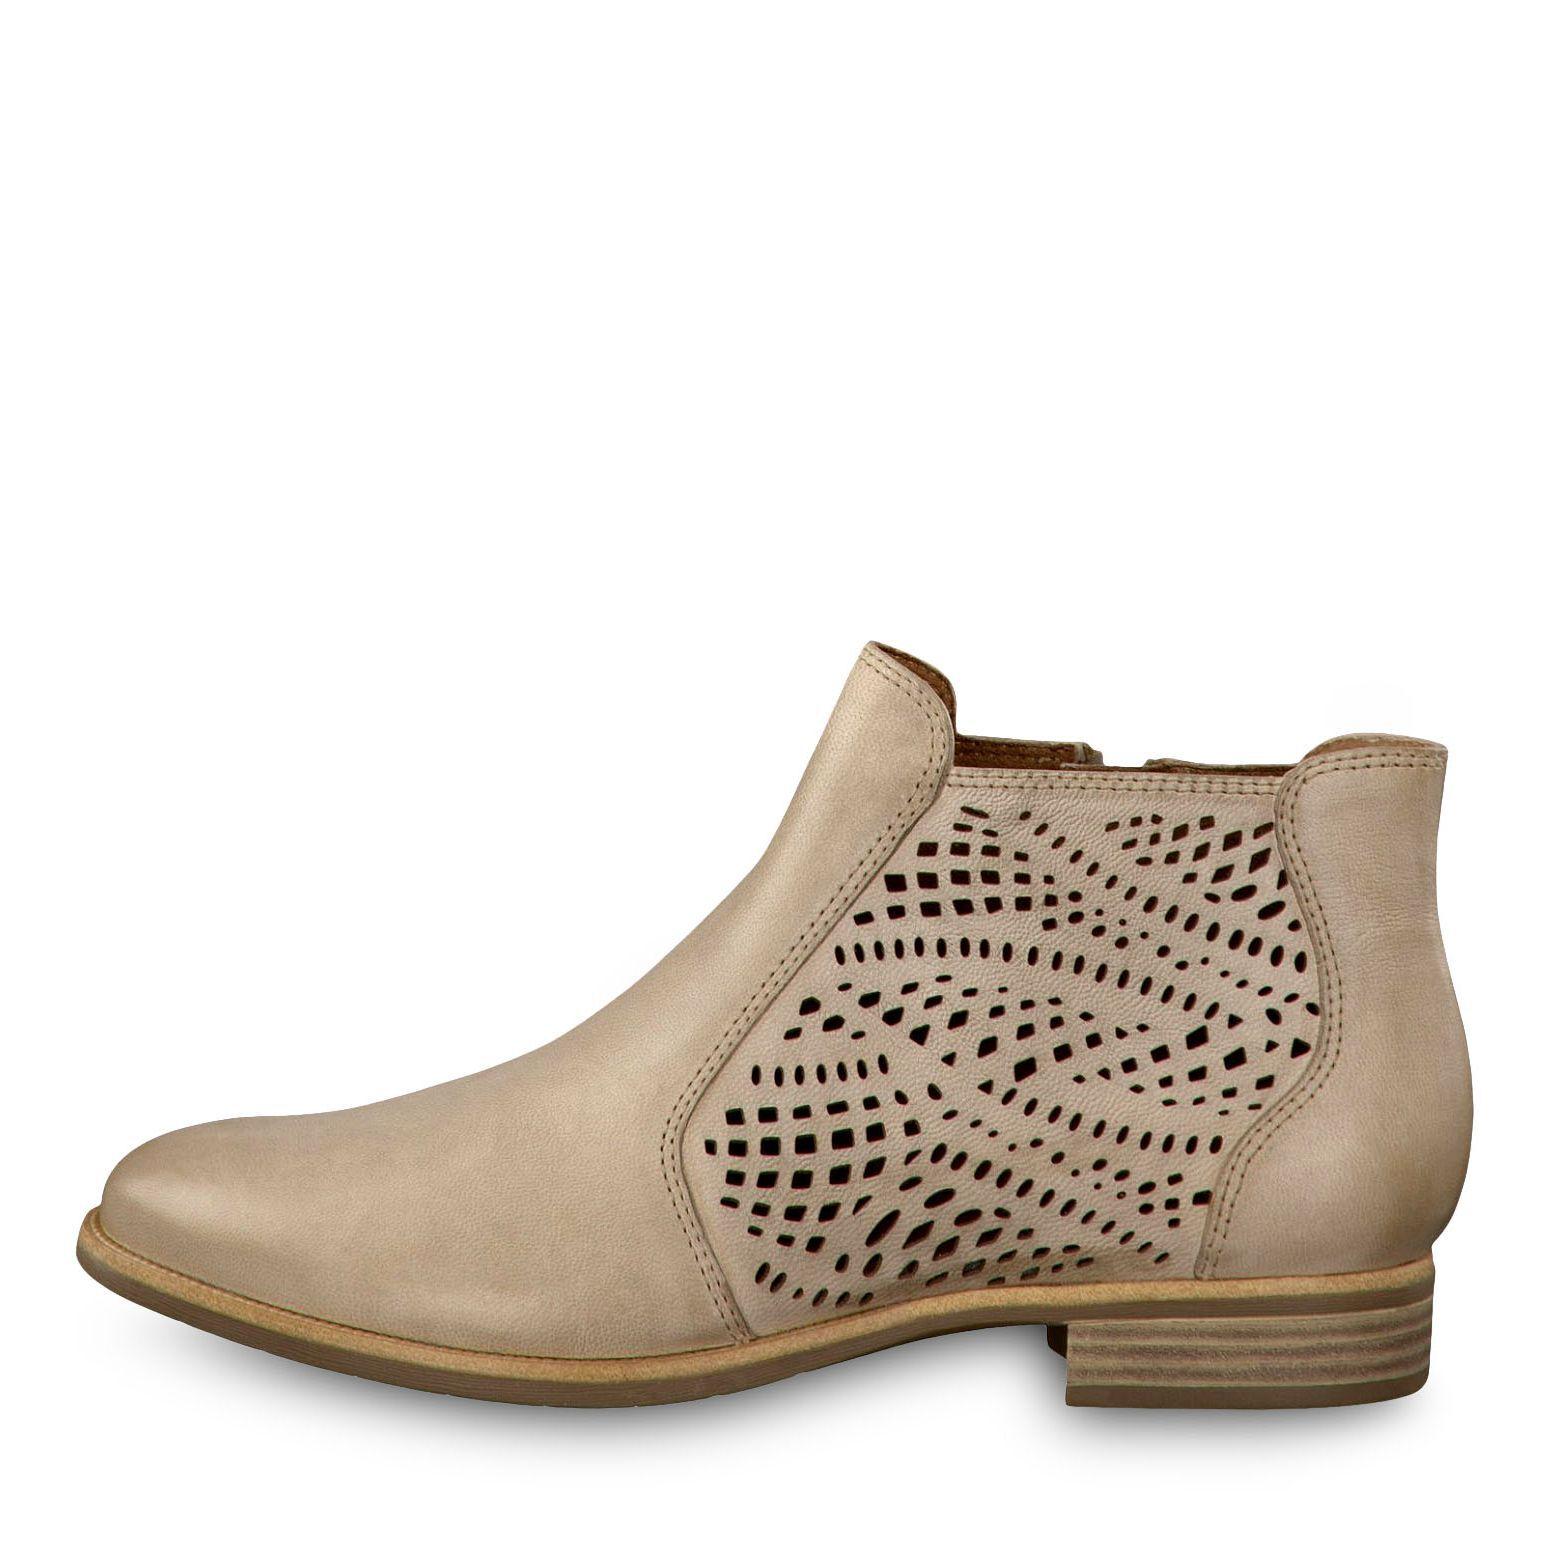 Chaussures à fermeture éclair vertes Casual femme B0ry9